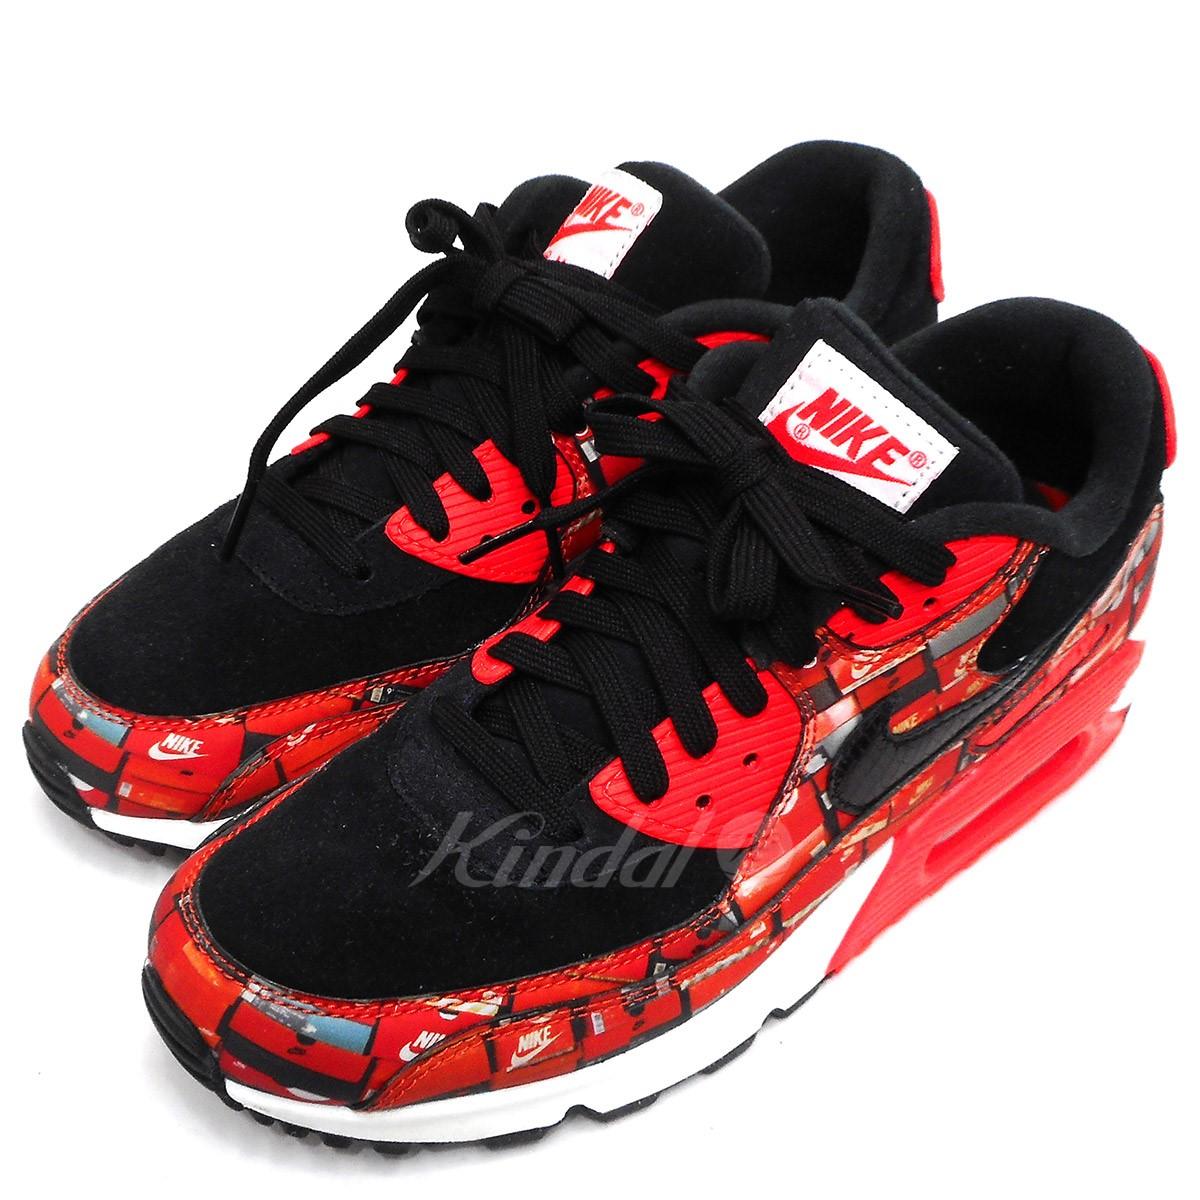 【中古】NIKE×ATMOS AIR MAX 90 We Love Nike エアマックス90 スニーカー ブラック×レッド サイズ:US7.5 【送料無料】 【290319】(ナイキ アトモス)